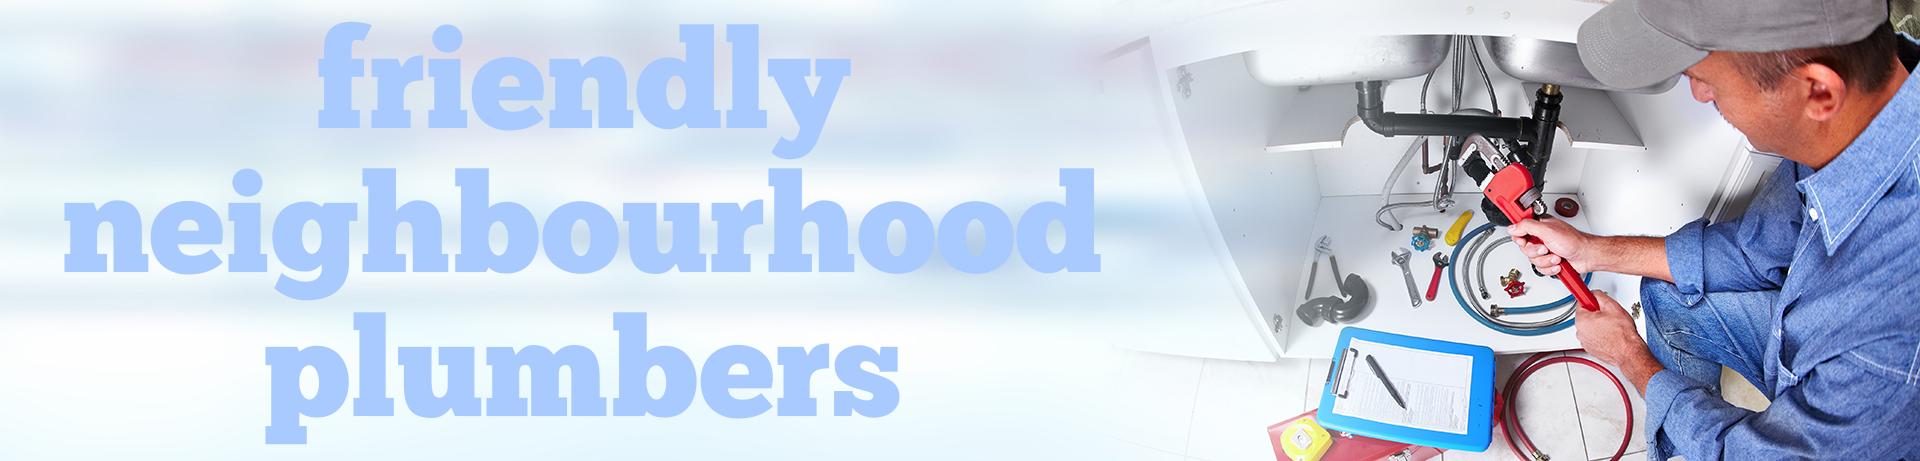 EmergencyPlumber.ca - Neighbourhood Plumbers